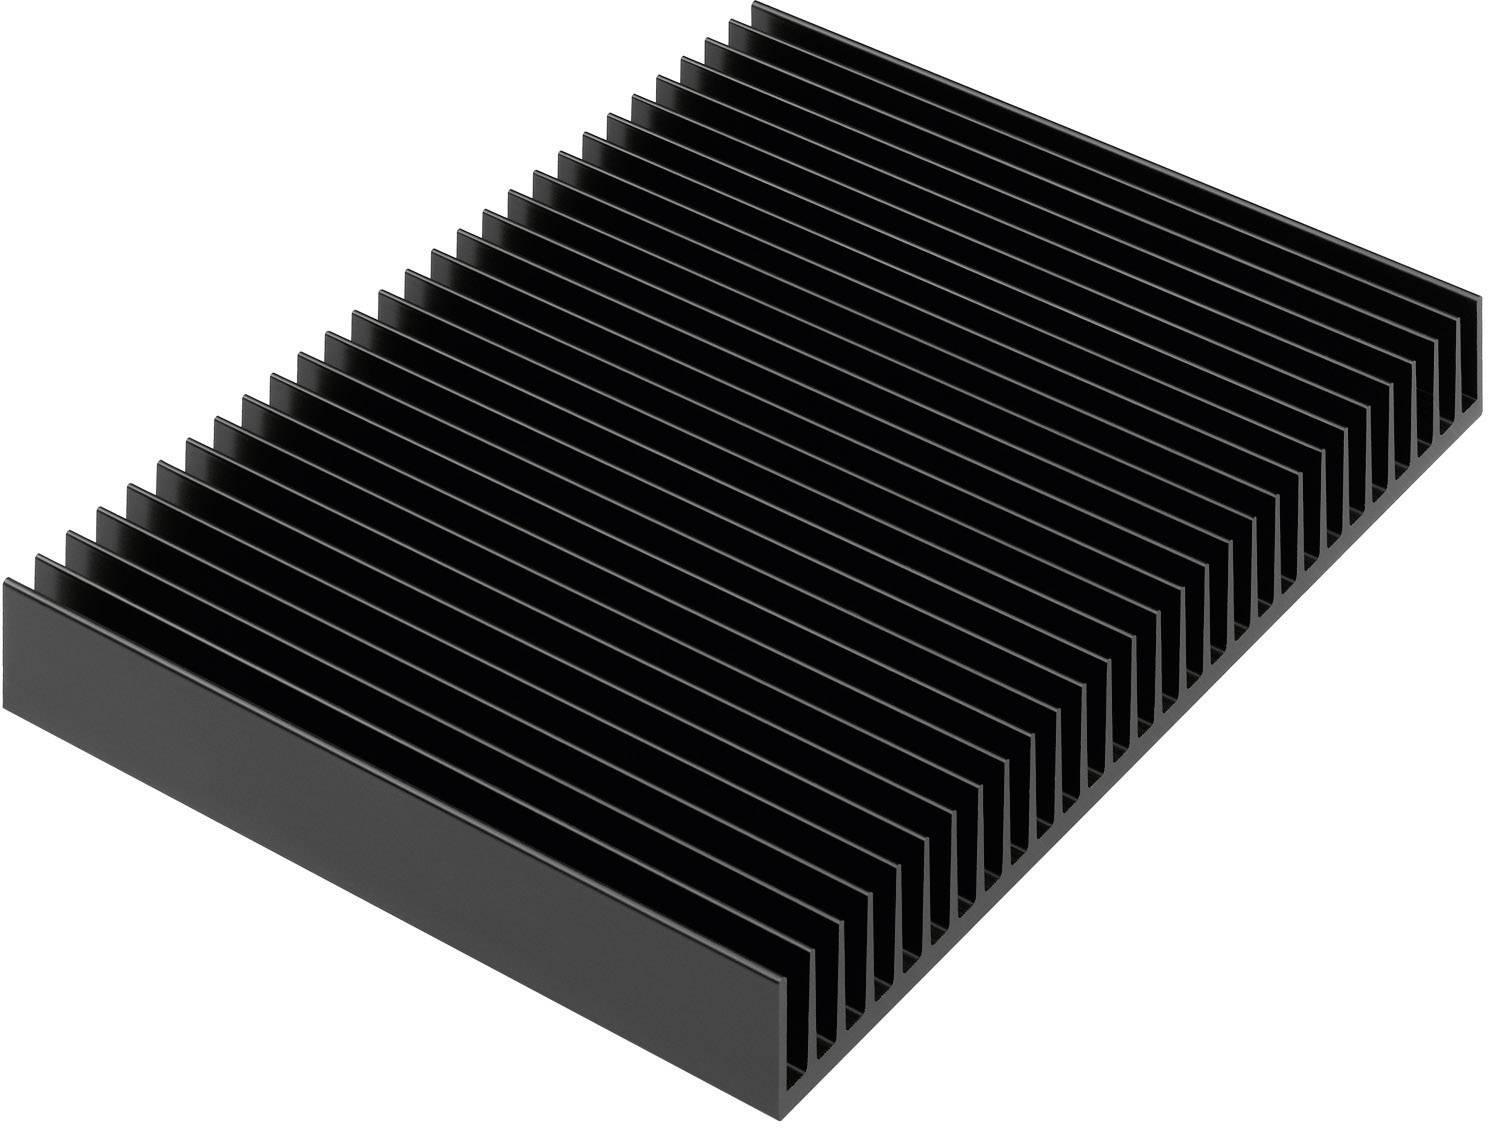 Profilový chladič Pada Engineering 8232/150/N, 200 x 25 x 150 mm, 0,95 K/W